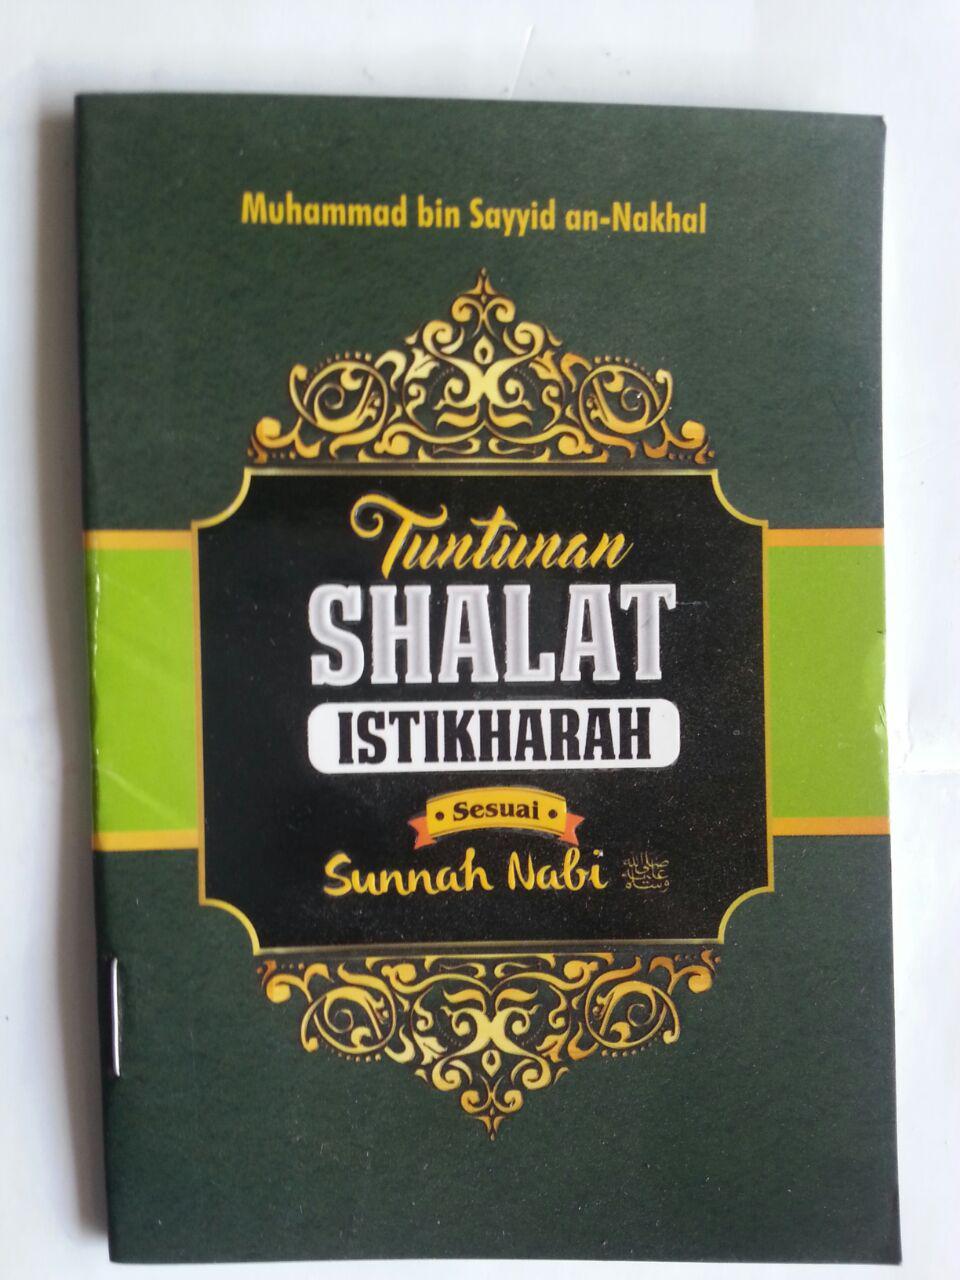 Buku Saku Tuntunan Shalat Istikharah Sesuai Sunnah Nabi cover